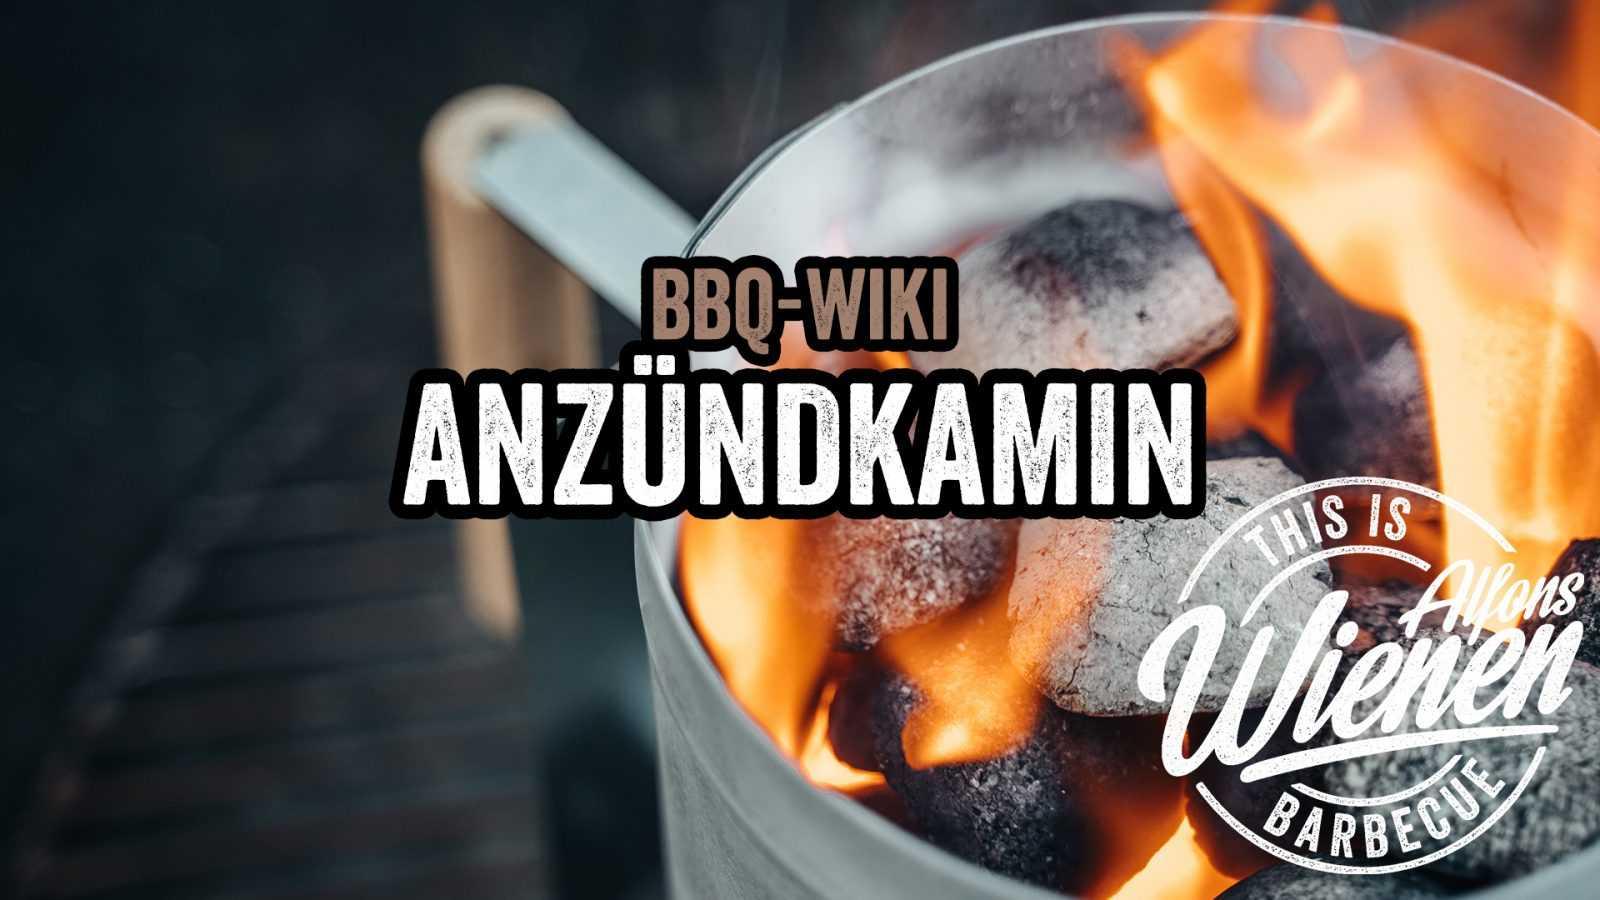 Anzündkamin - AZK